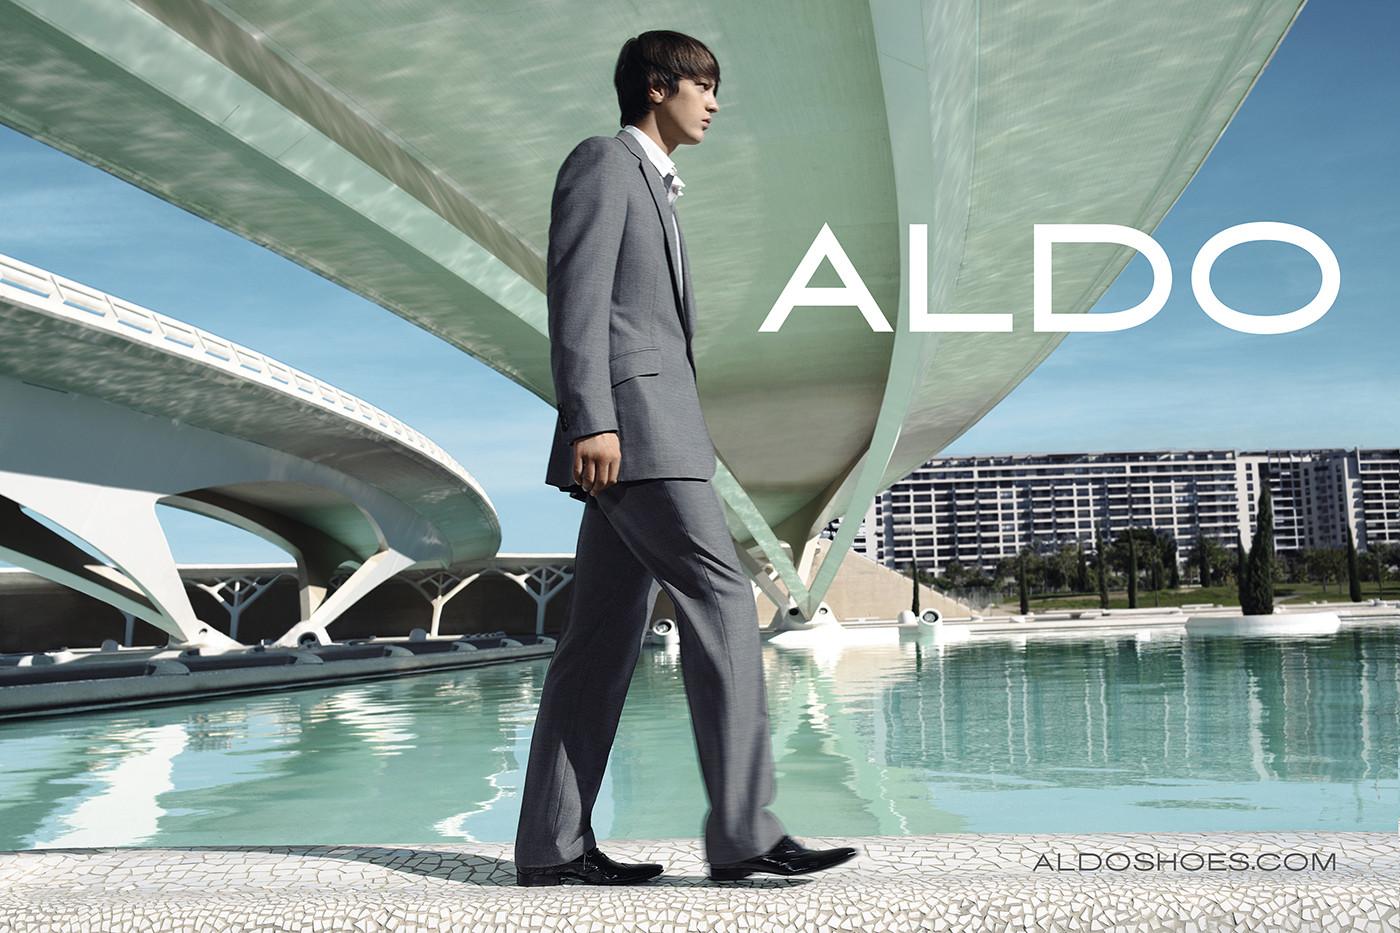 ALDO-SPRING07-191-3000x2000.jpg